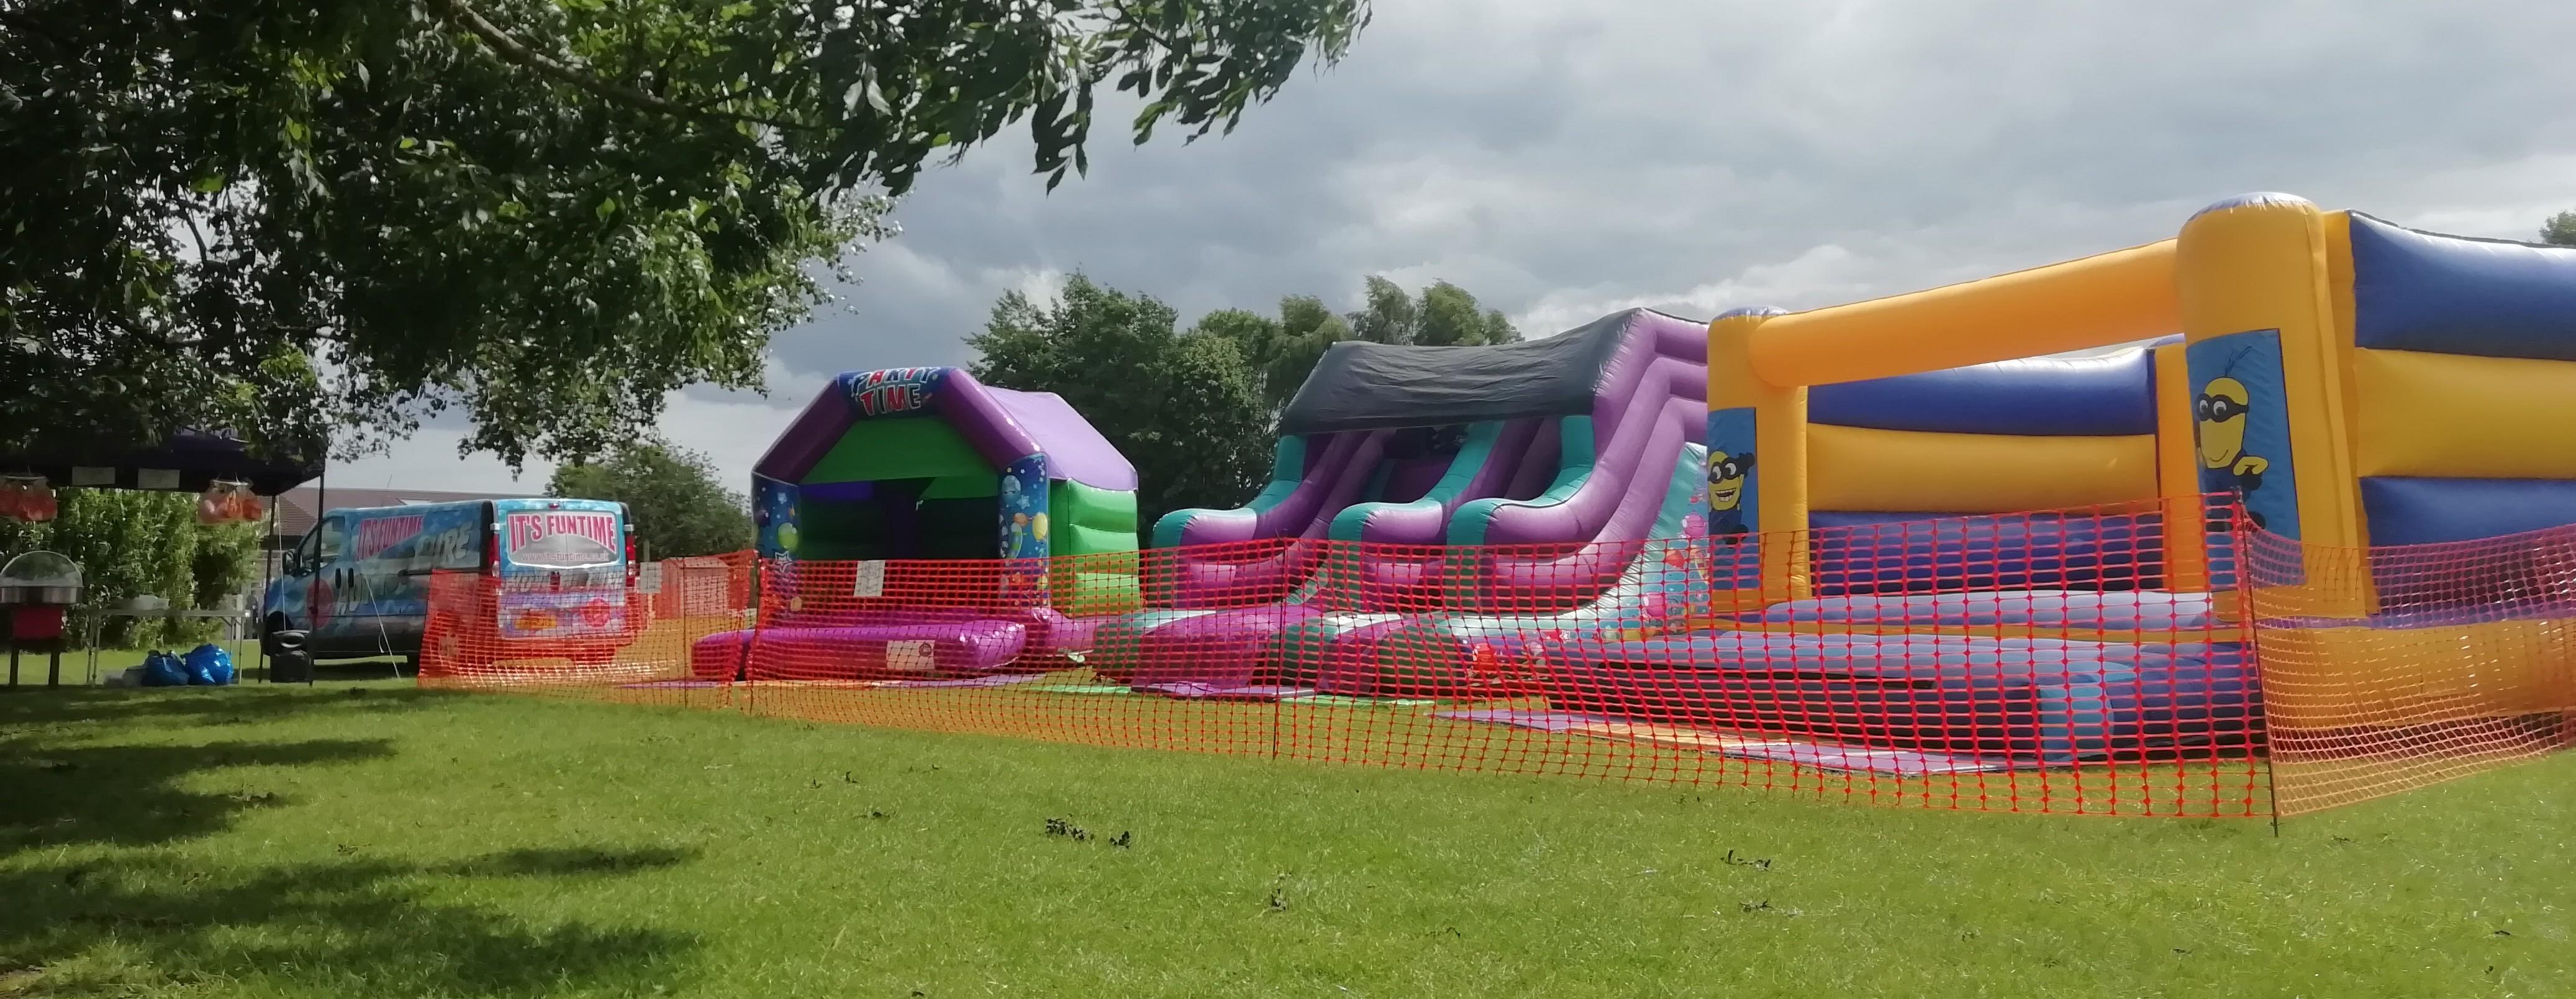 Spalding Parish Day School Bouncy Castle Hire Spalding